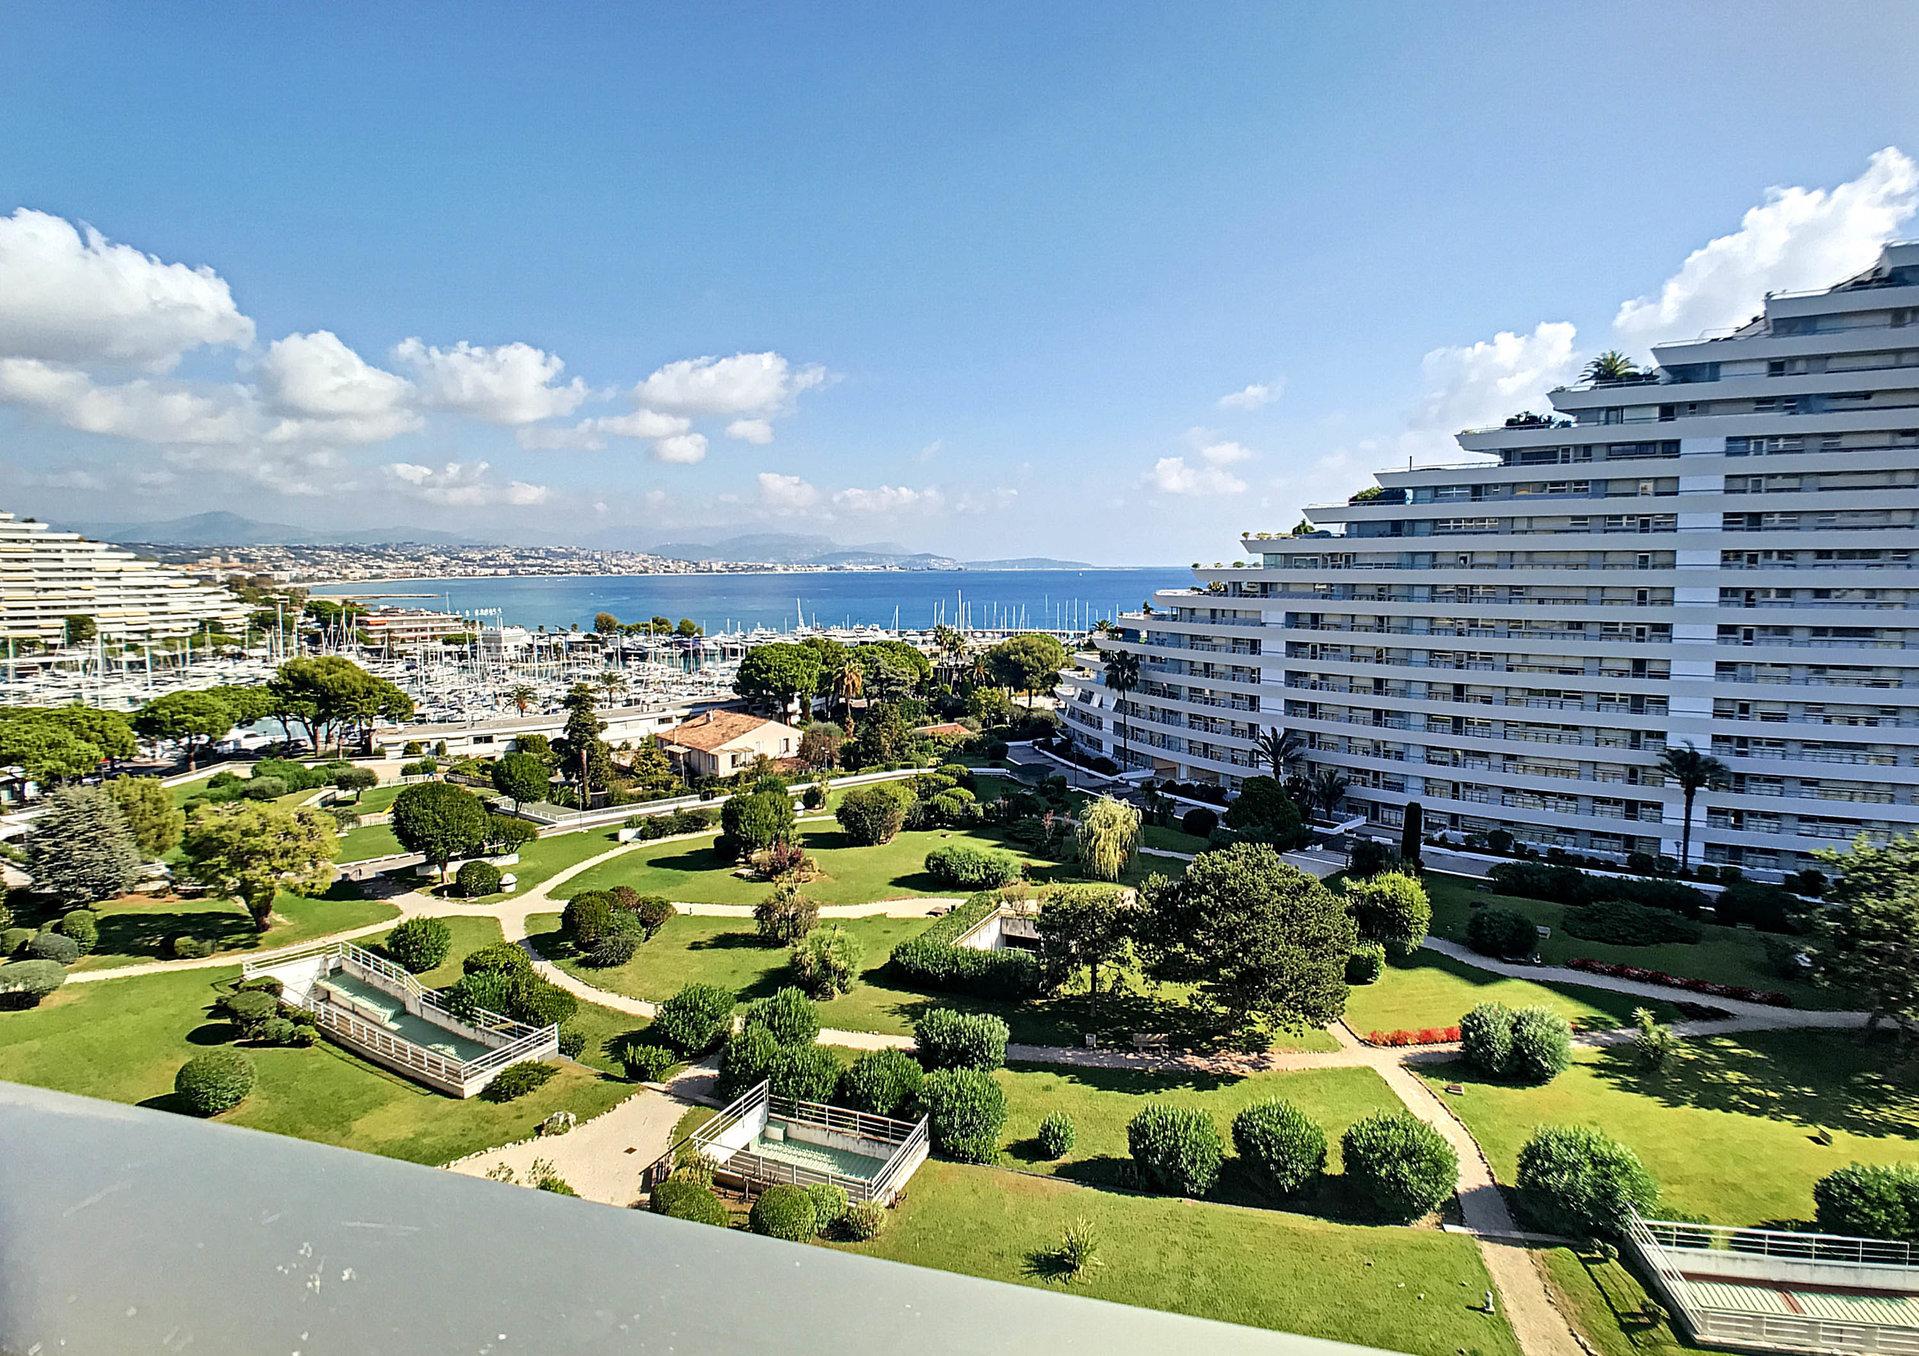 VENTE Appartement 1P Villeneuve-Loubet Marina Baie des Anges Vue Mer